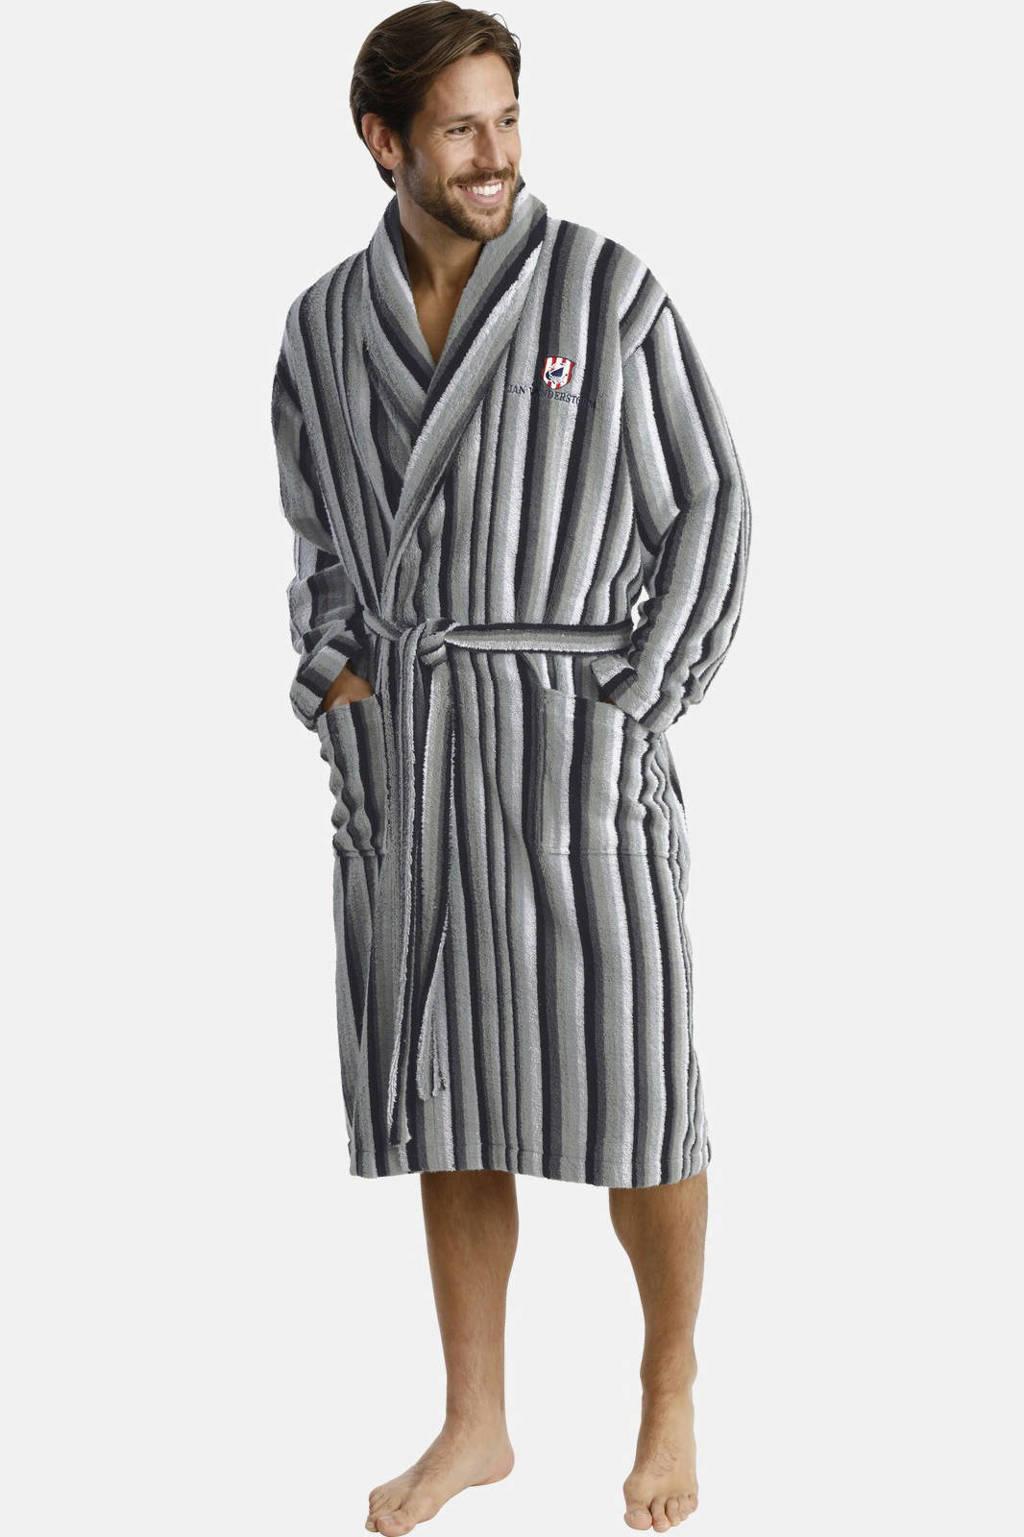 Jan Vanderstorm Plus Size gestreepte badstof badjas grijs/wit, Grijs/wit